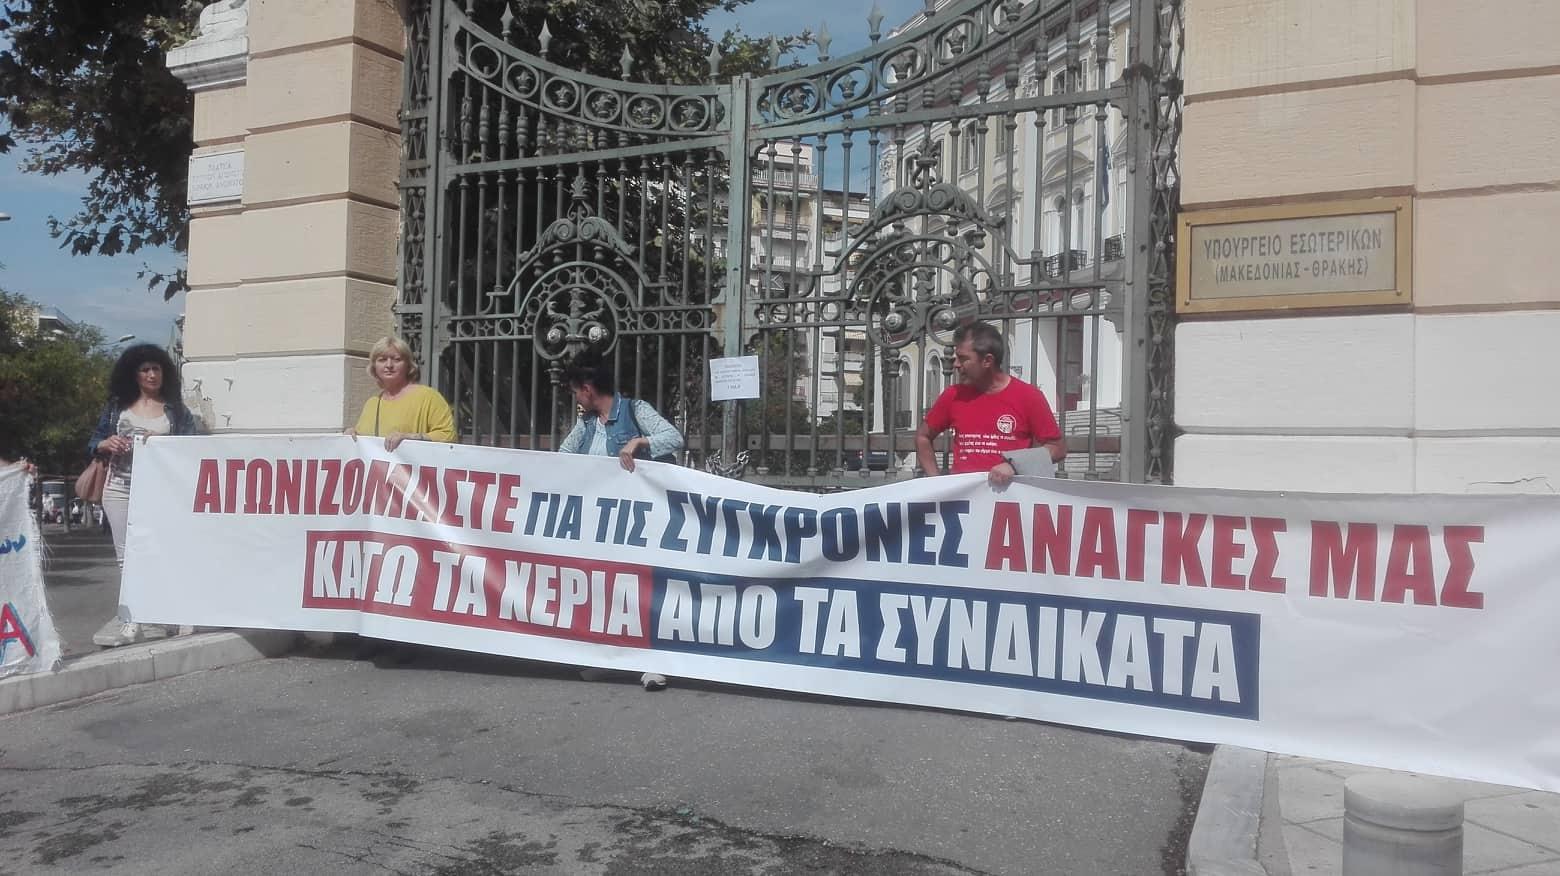 Θεσσαλονίκη: Πορεία ΠΑΜΕ για το αναπτυξιακό ν/σ (pics)